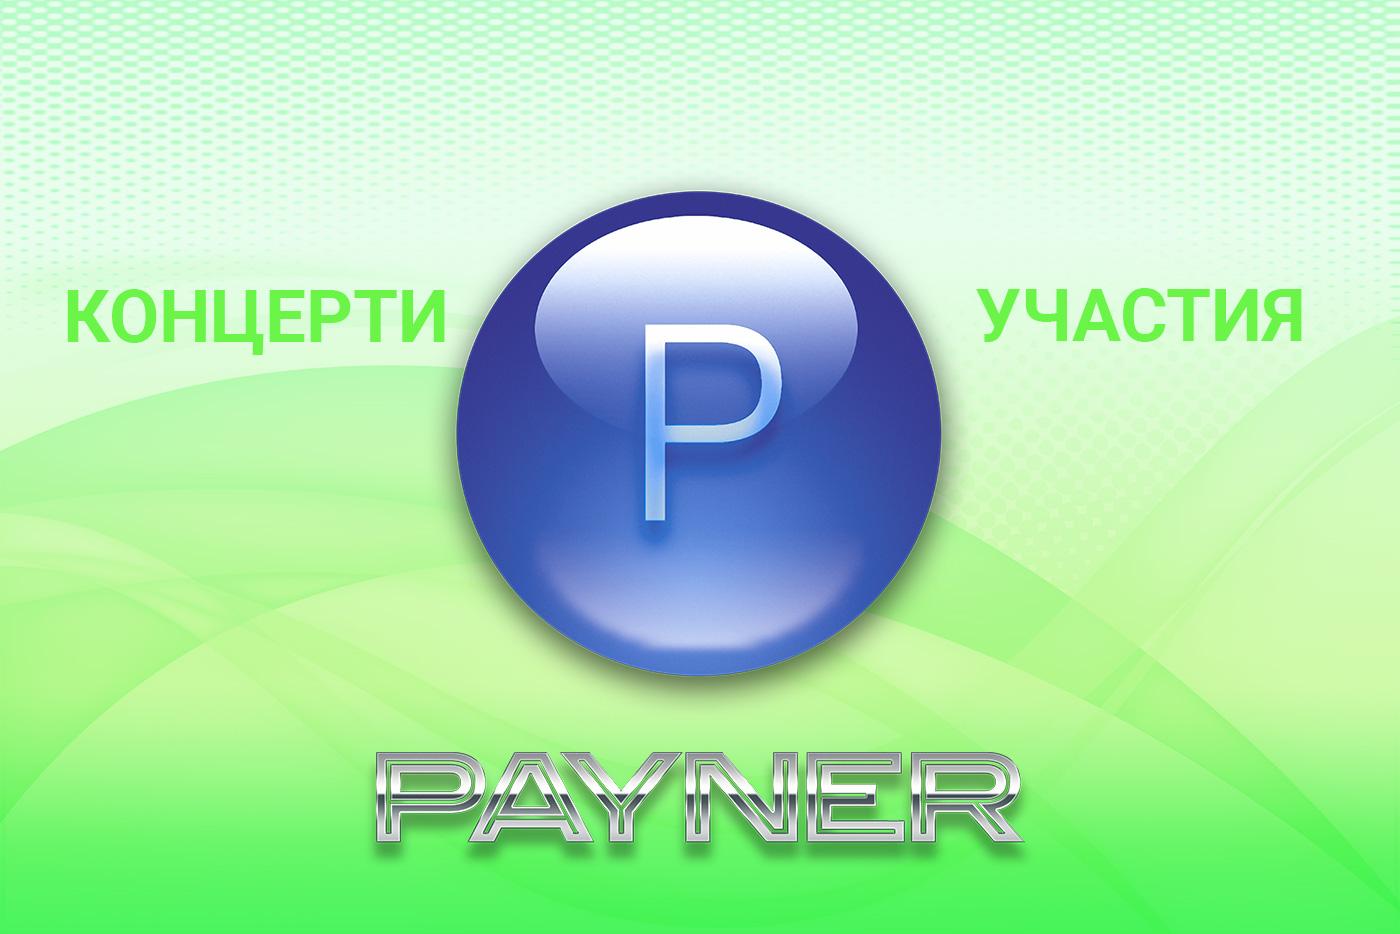 """Участия на звездите на """"Пайнер"""" на 15.08.2019"""